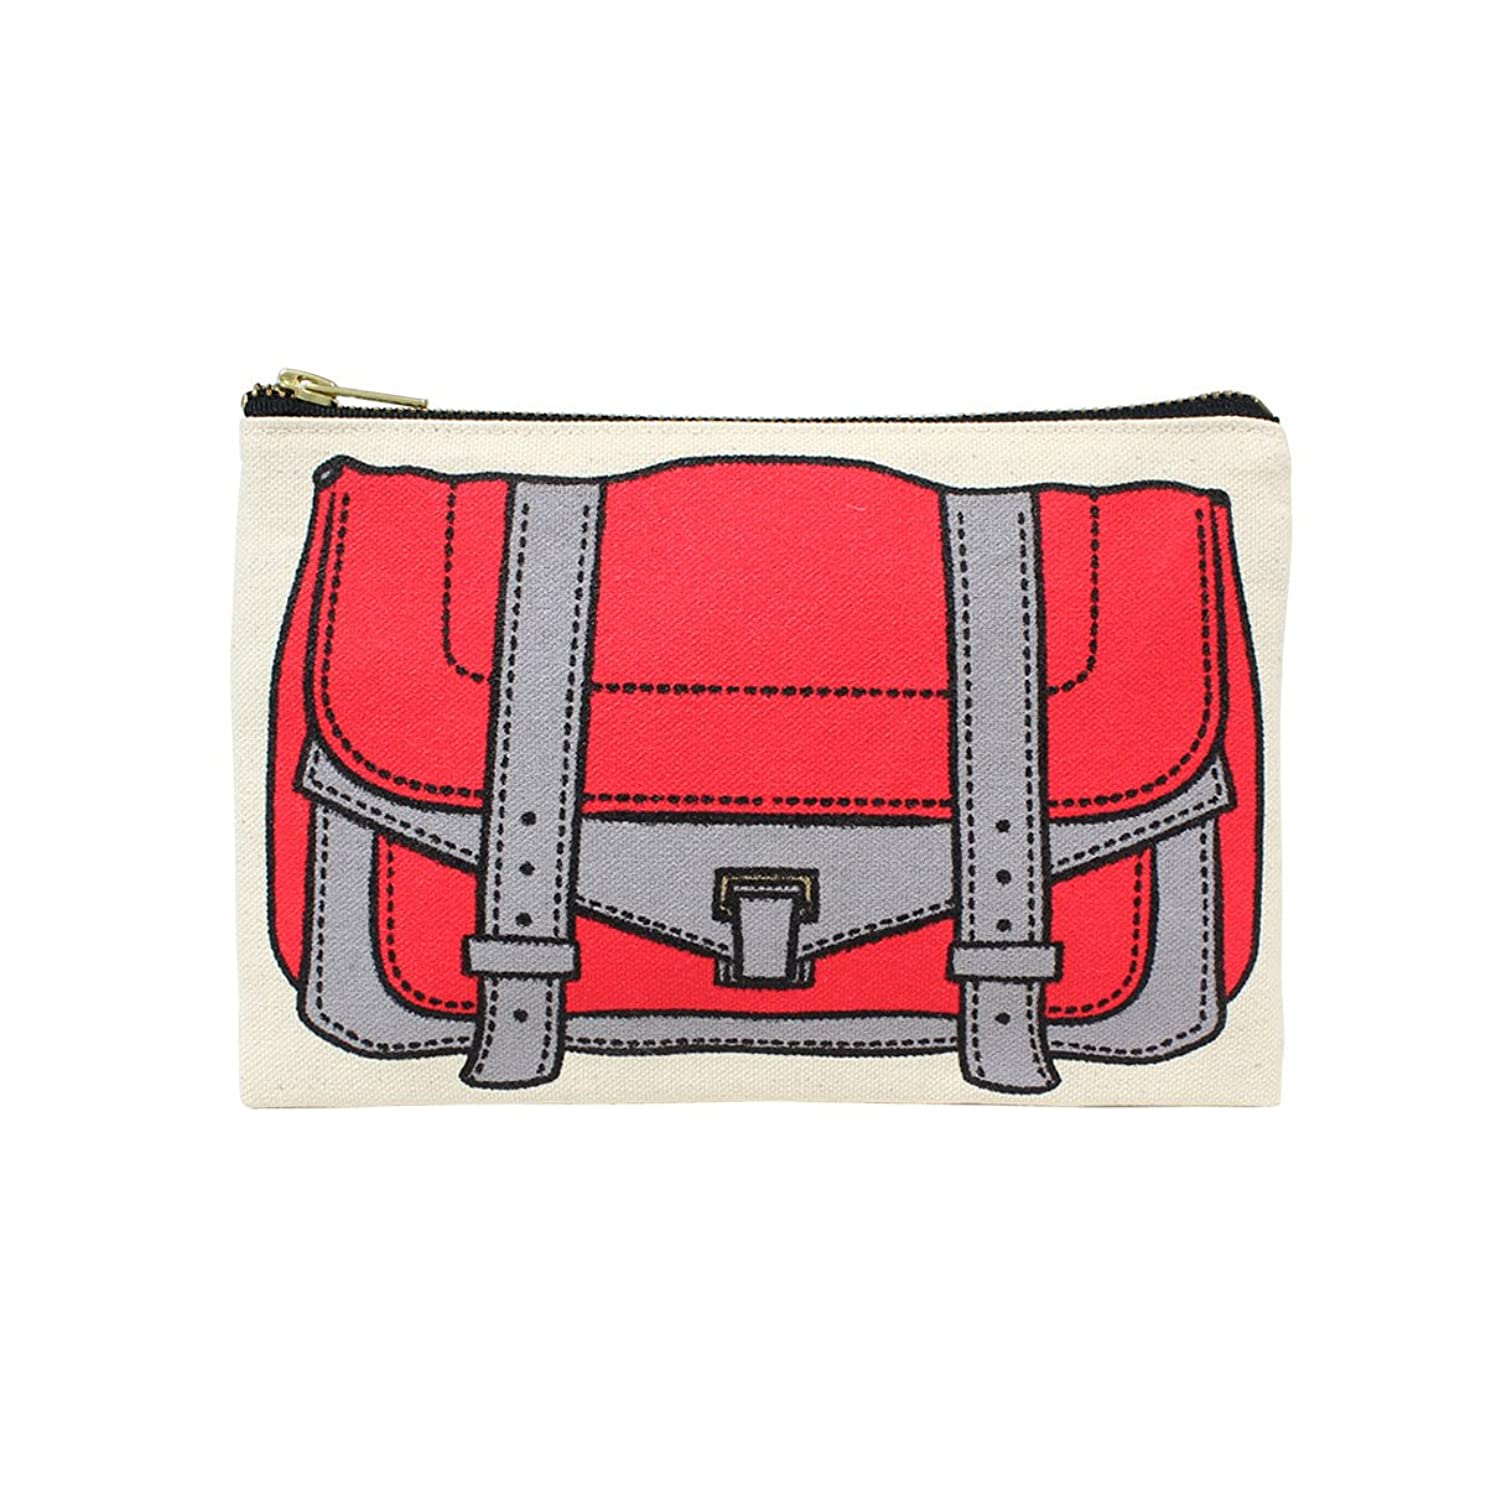 従来の乱れりんご(マイアザーバッグ)My Other Bag ポーチ マルチケース B04-10 (並行輸入品)